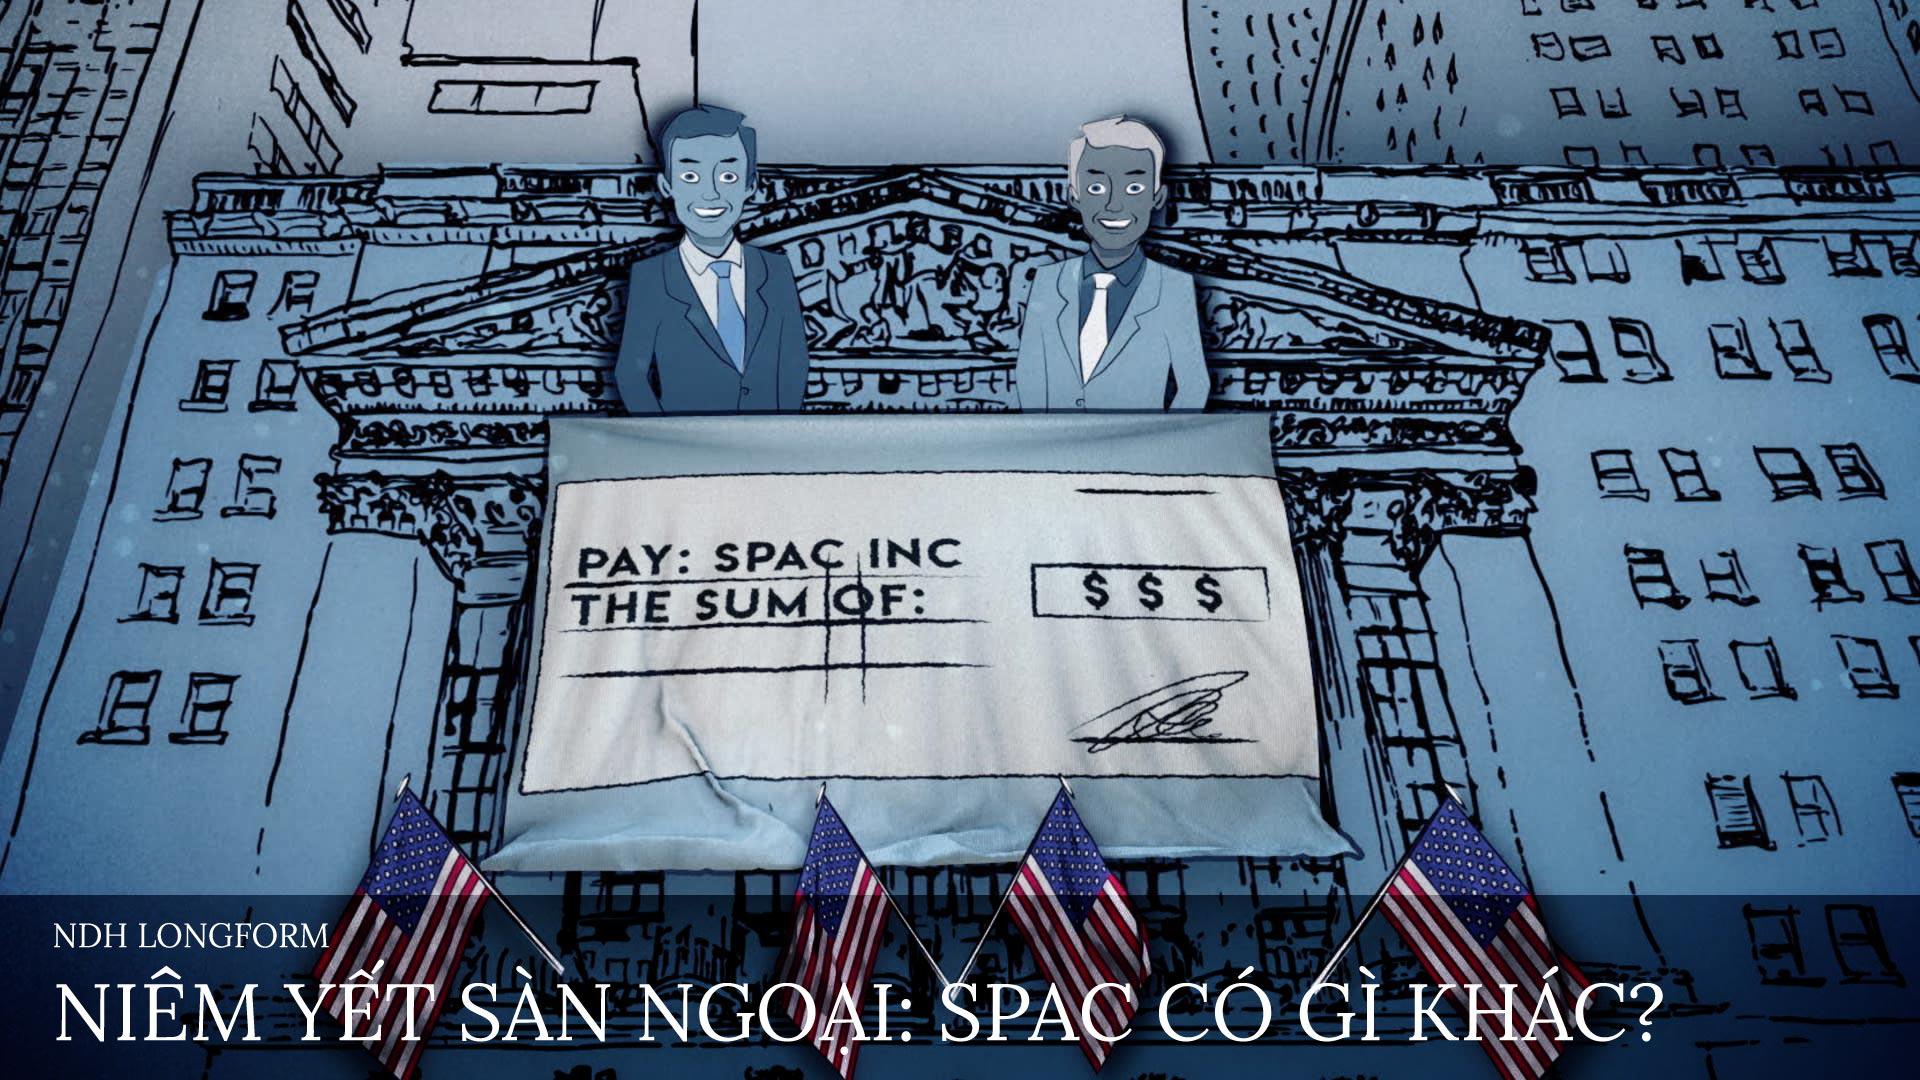 Niêm yết sàn ngoại: SPAC có gì khác? - Ảnh 1.